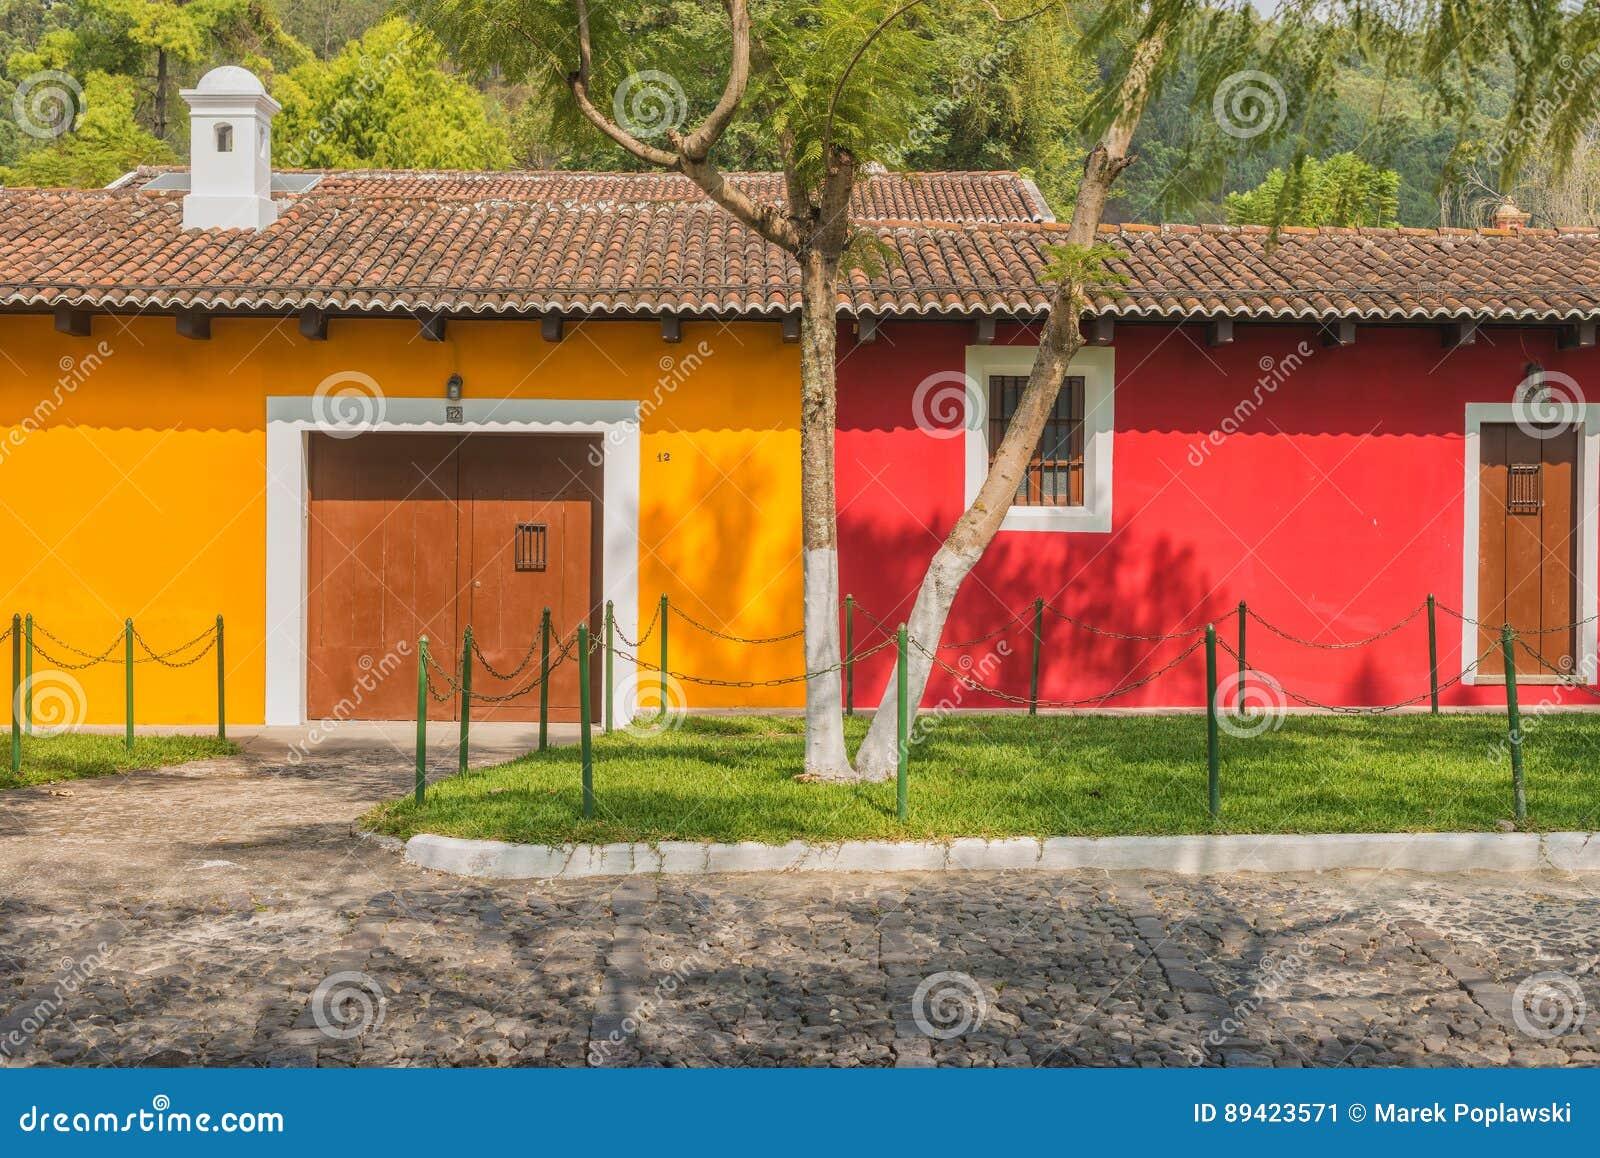 Detalhe arquitetónico na casa colonial na Guatemala de Antígua